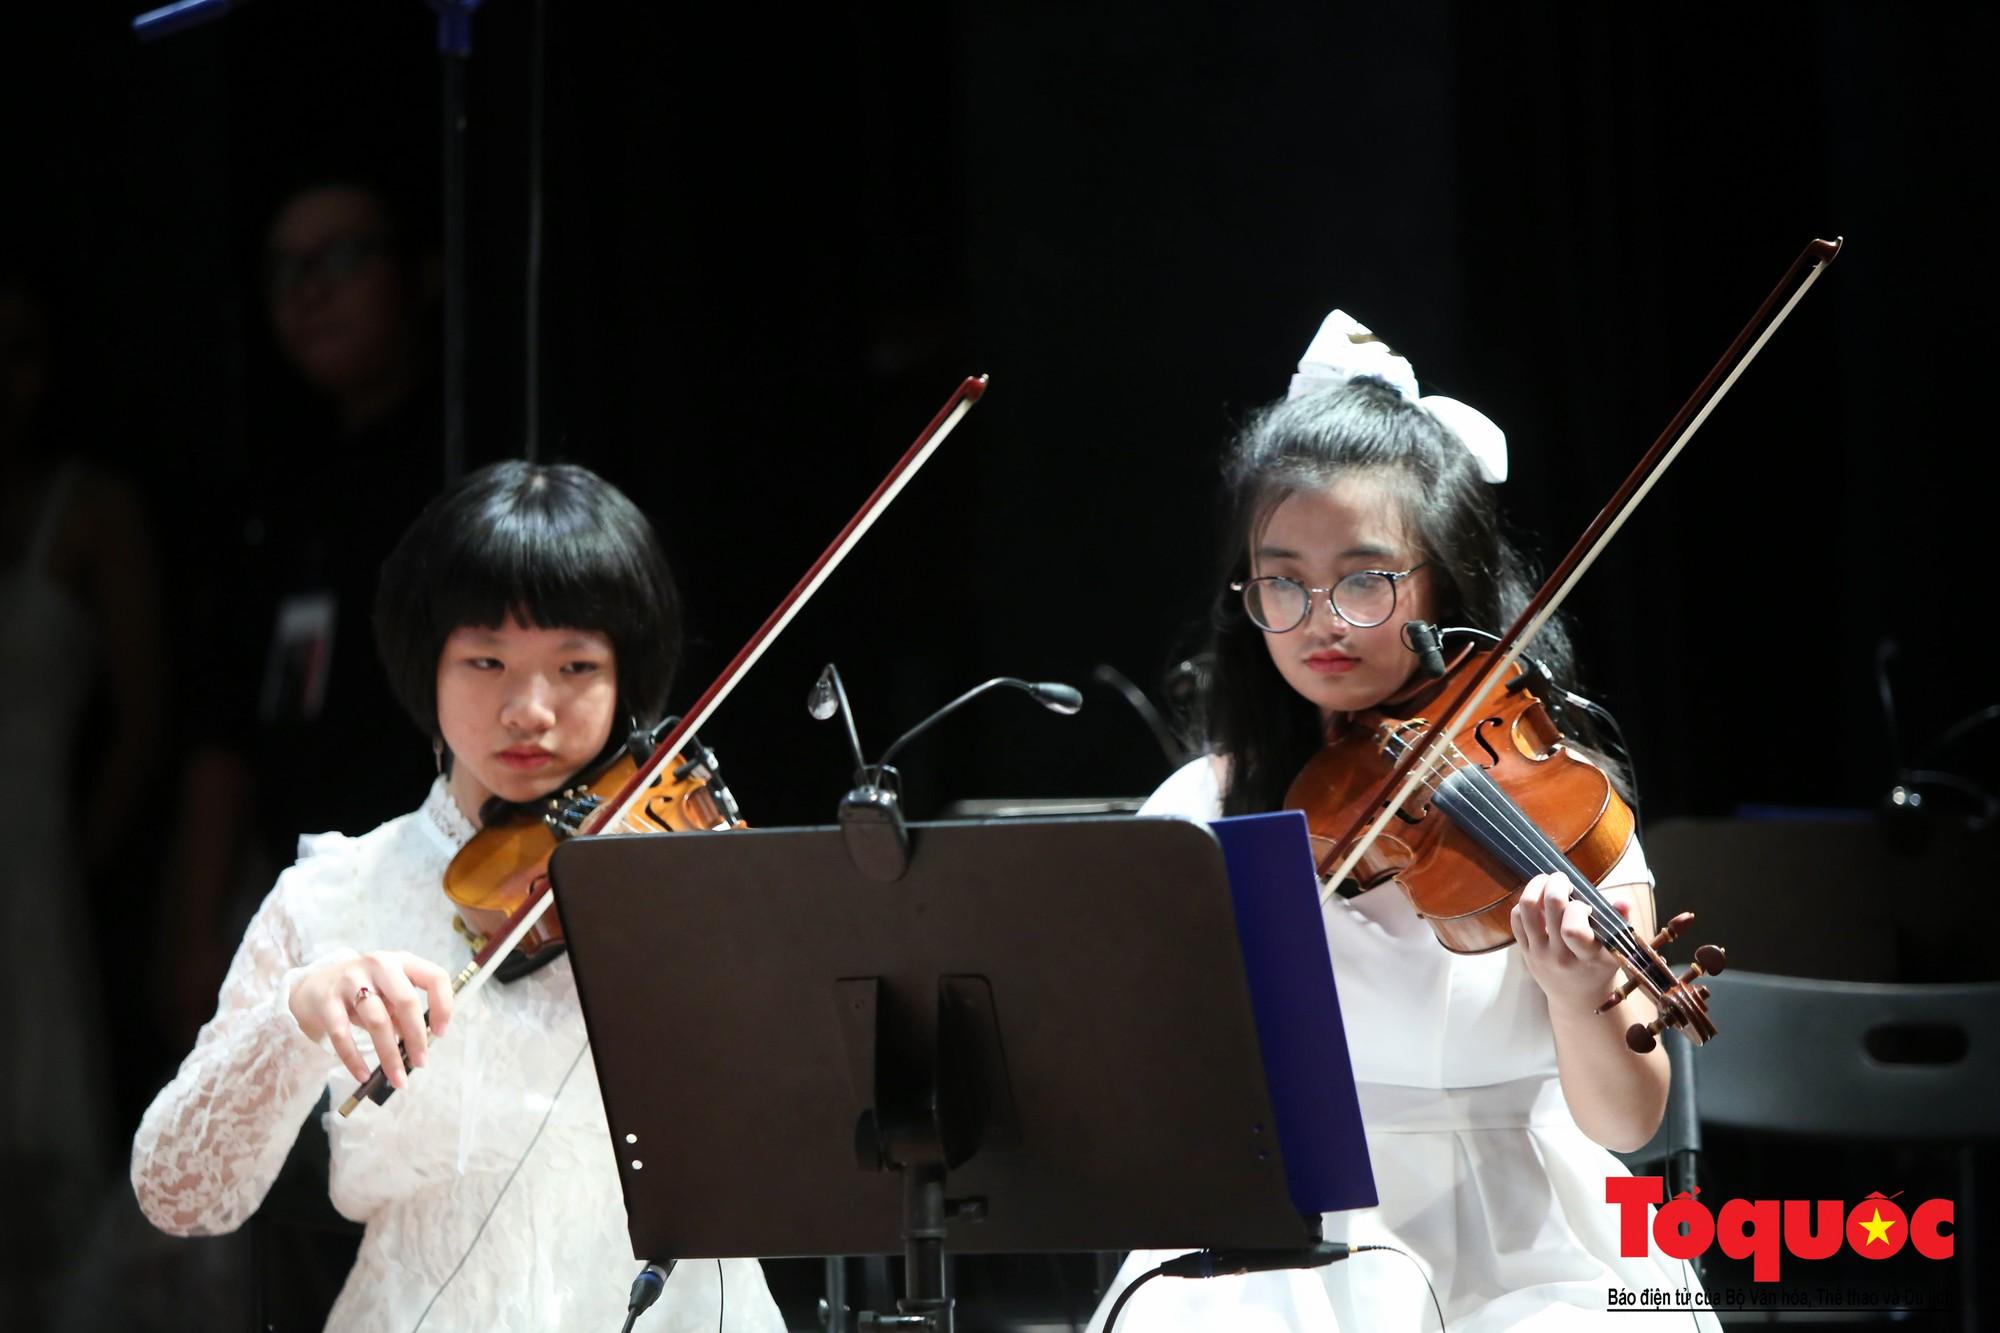 Dàn nhạc giao hưởng nhí đầu tiên của Việt Nam biểu diễn gây quỹ từ thiện (10)